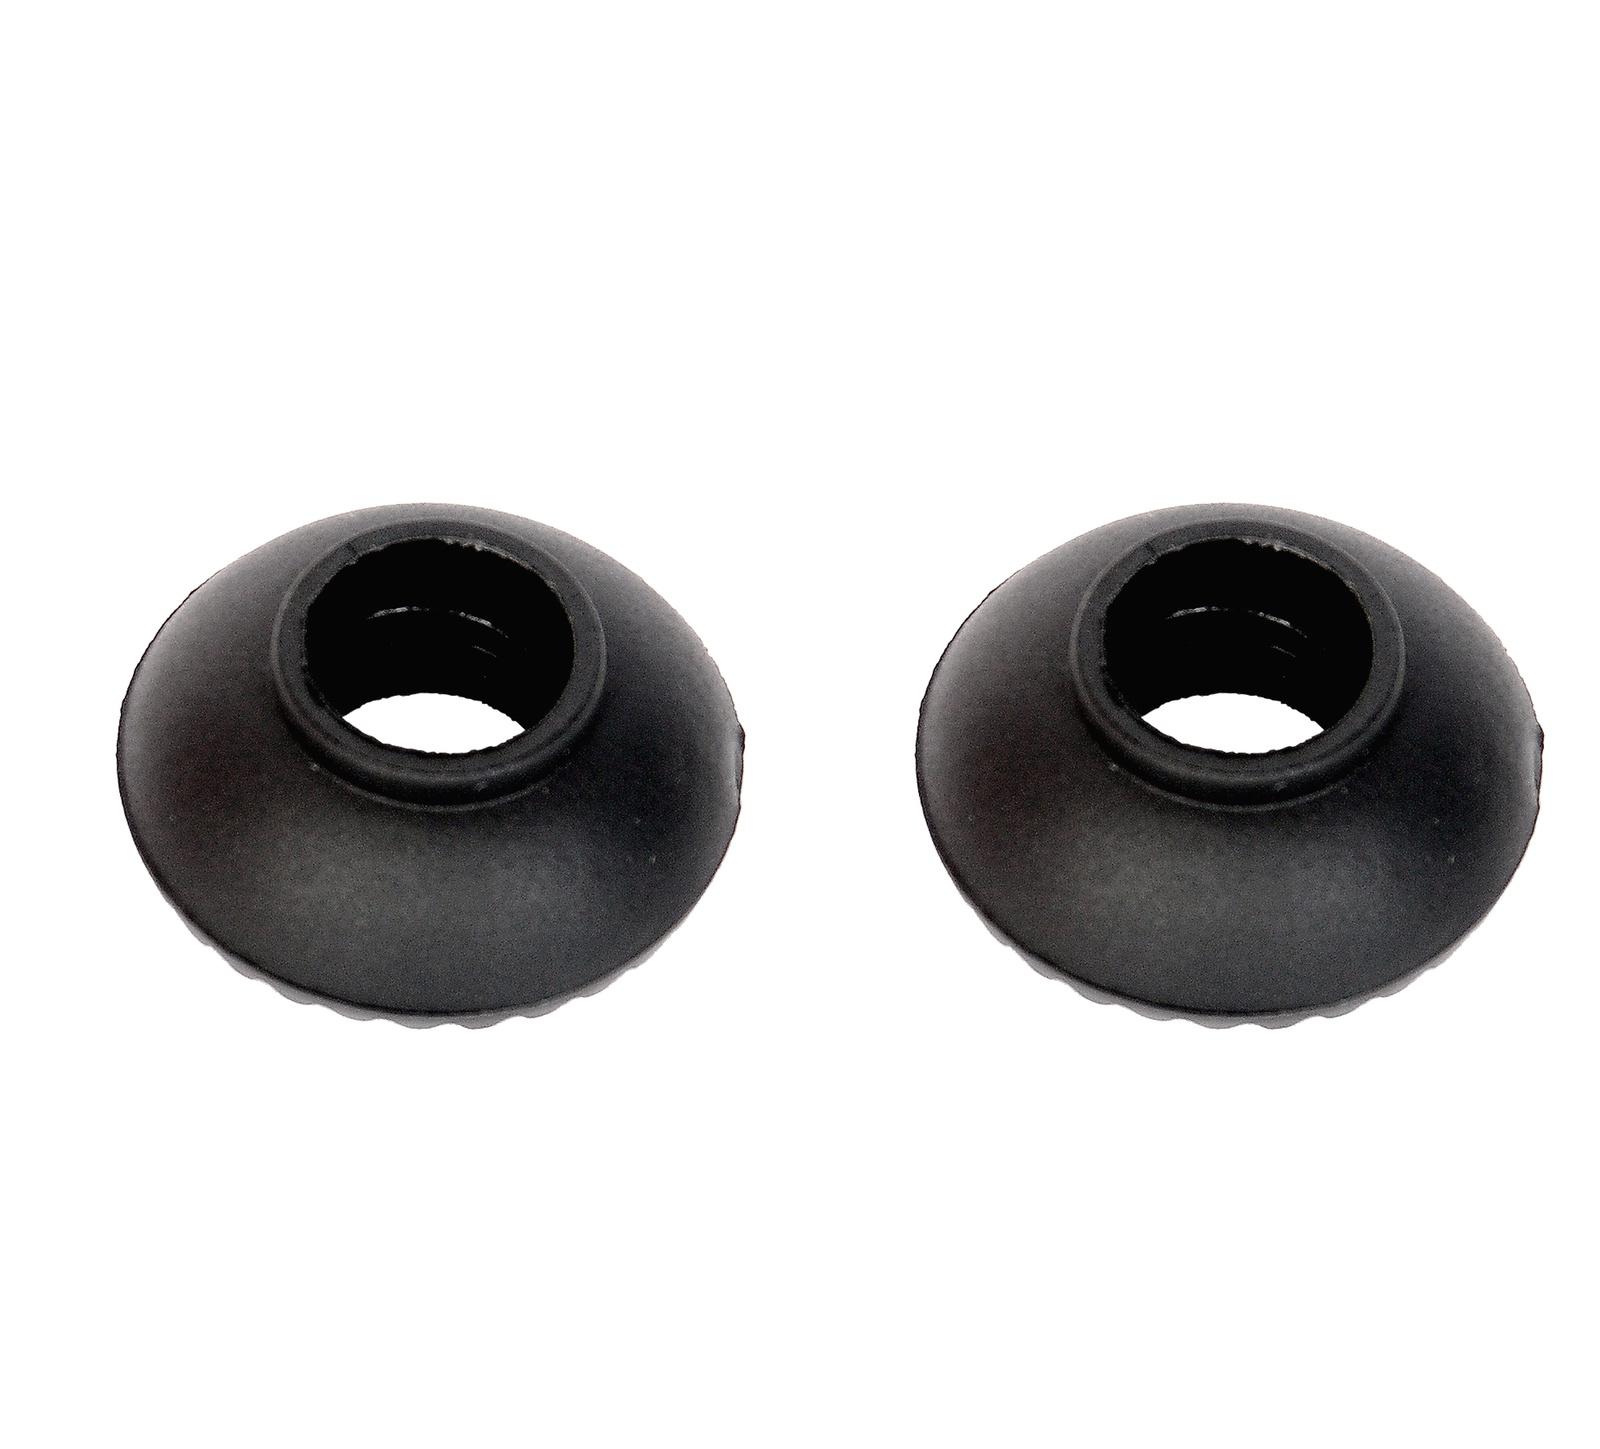 Наконечники для палок Летние кольца (универсальные) Ecos, AQD-R02, 2 штуки в комплекте кольца